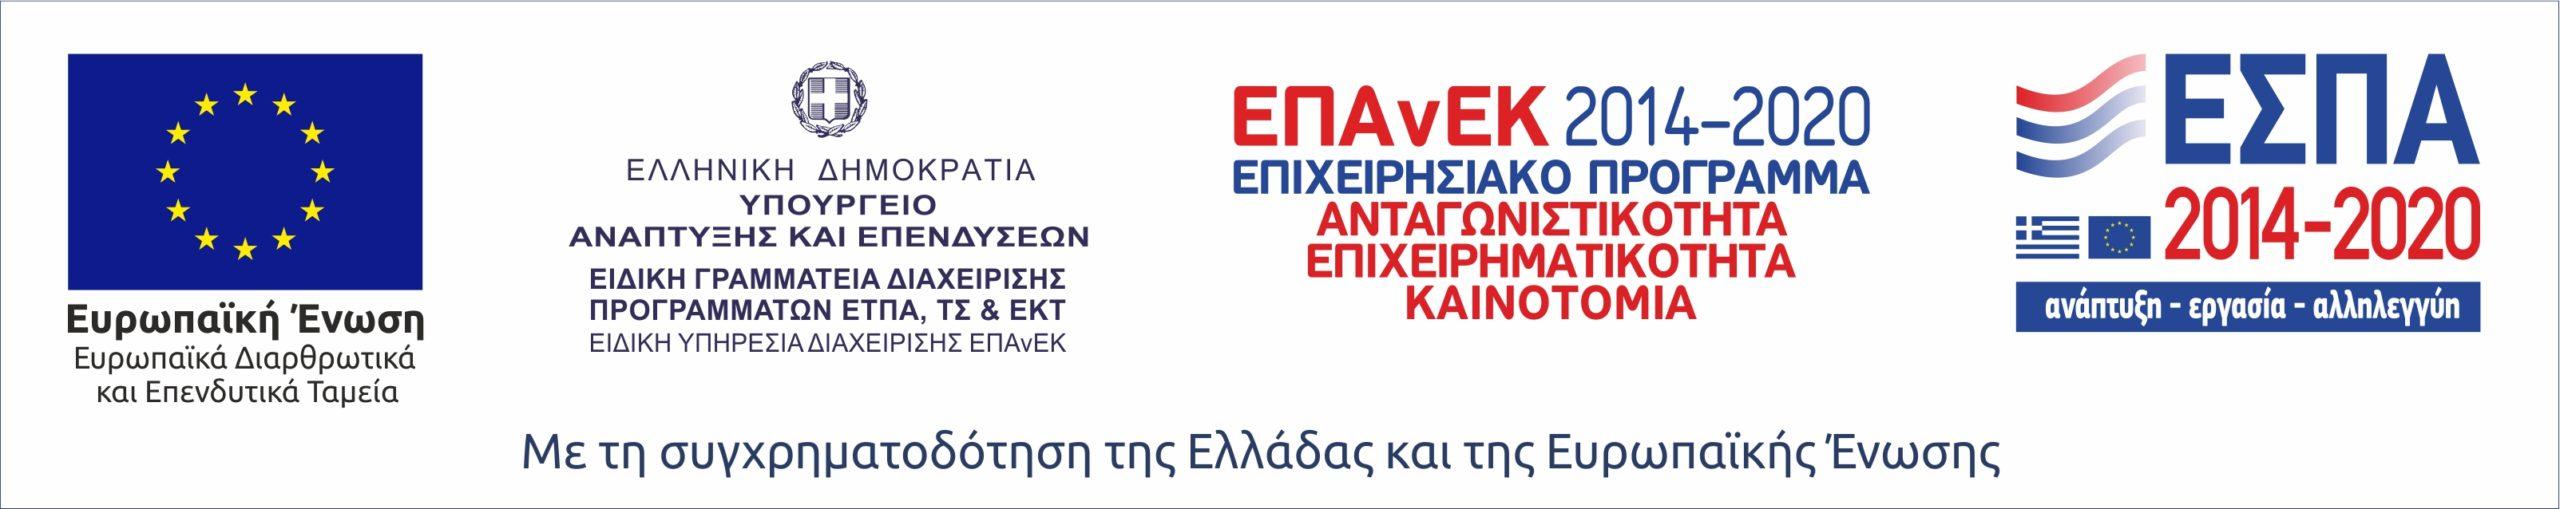 Banner ΕΣΠΑ 2014-2020